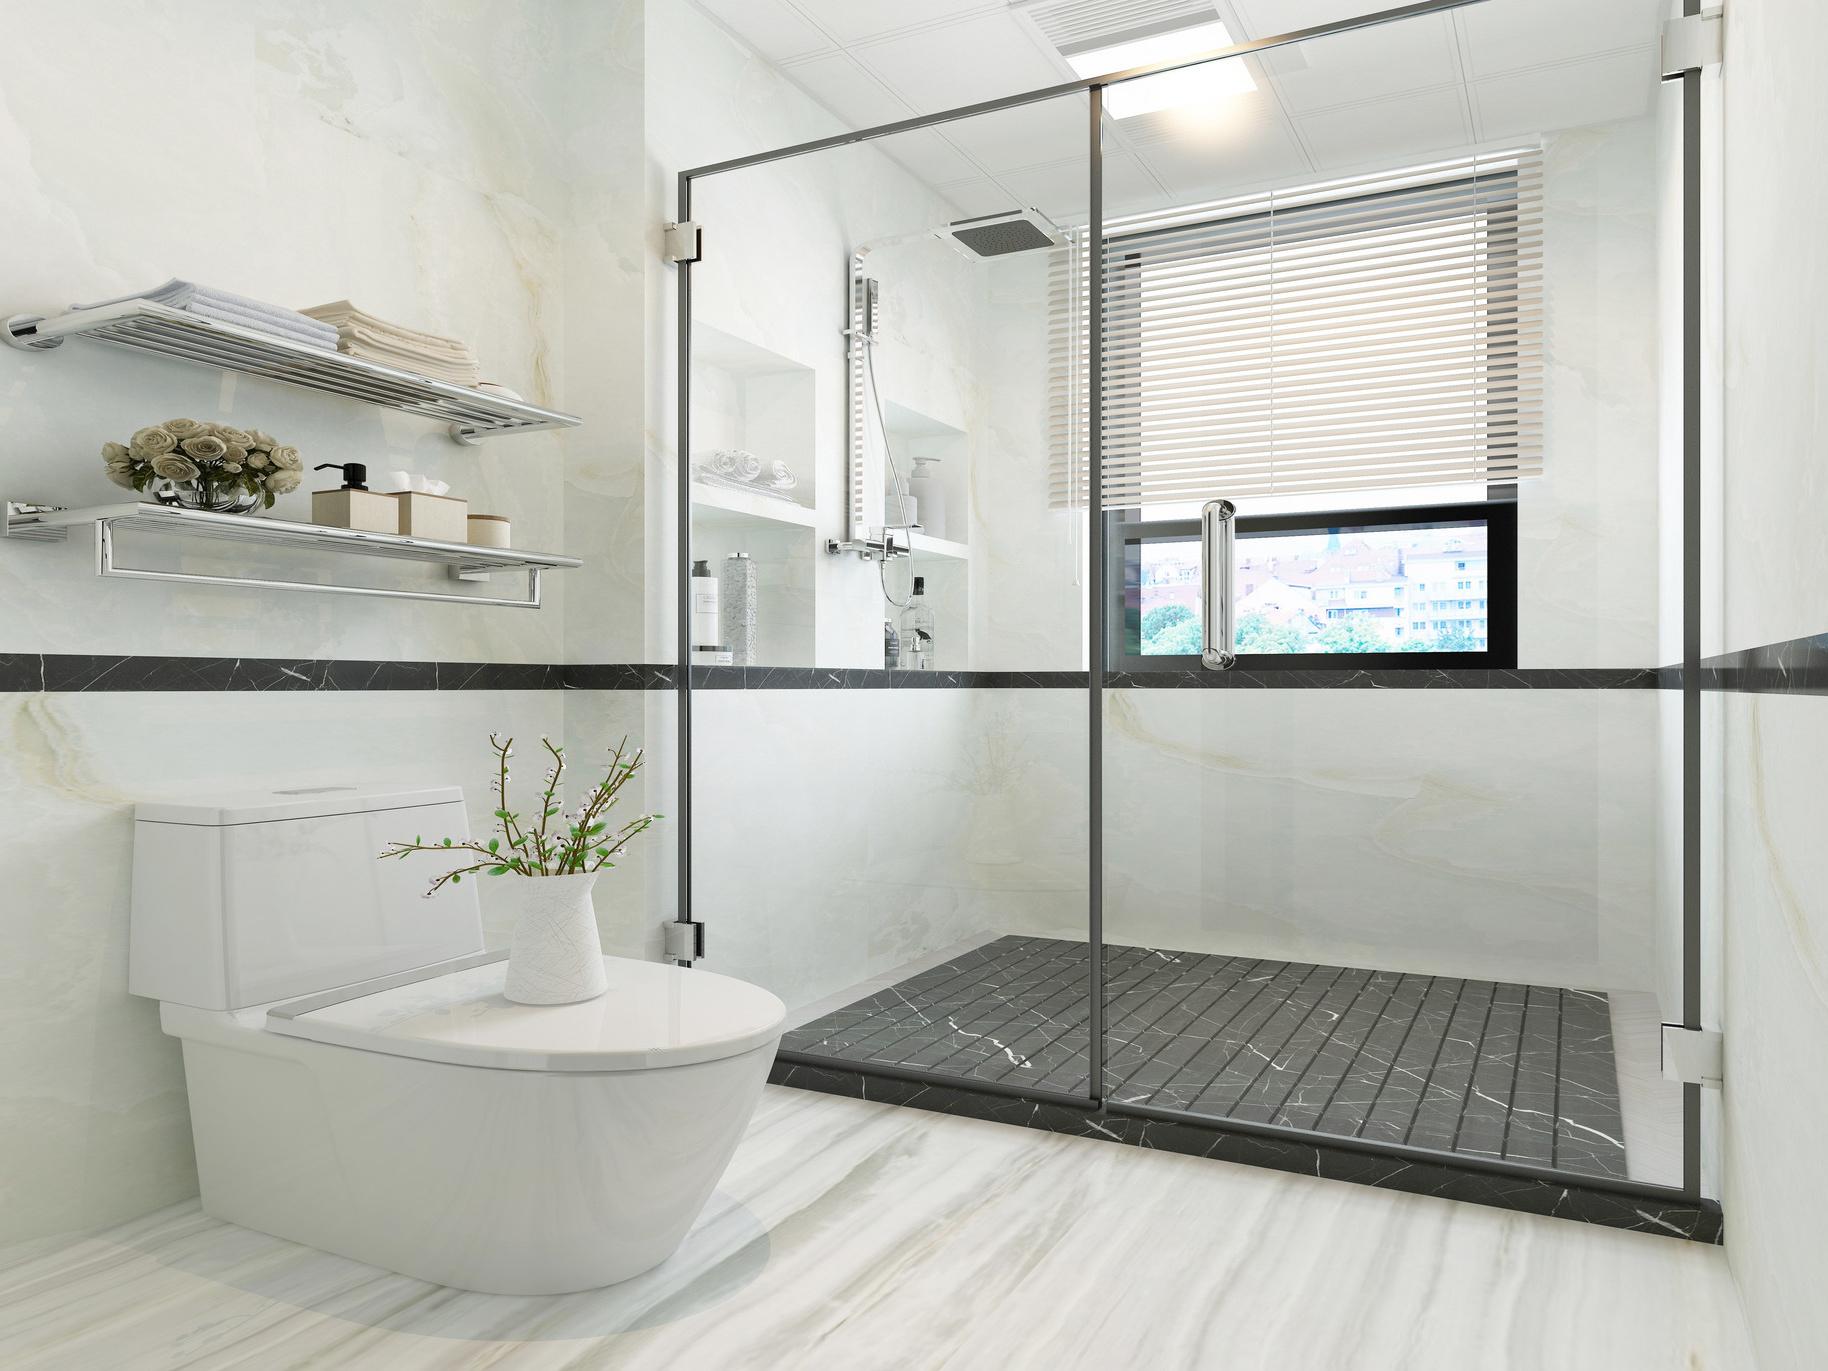 卫生间装修防水材料和防水施工工艺介绍